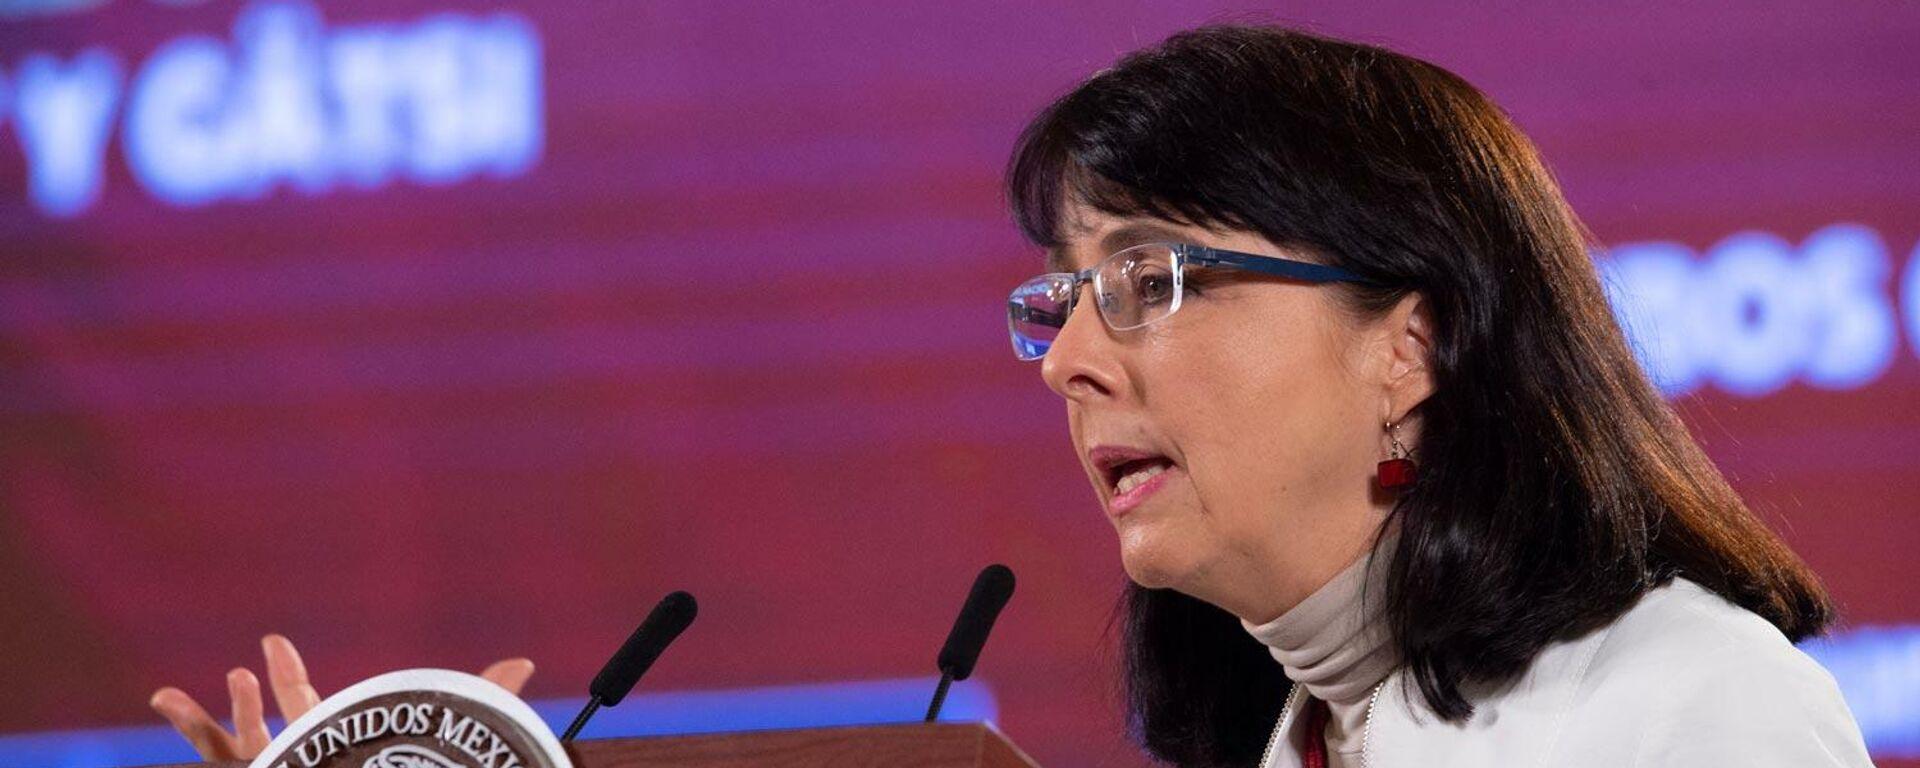 María Elena Álvarez-Buylla, directora de Conacyt - Sputnik Mundo, 1920, 23.09.2021